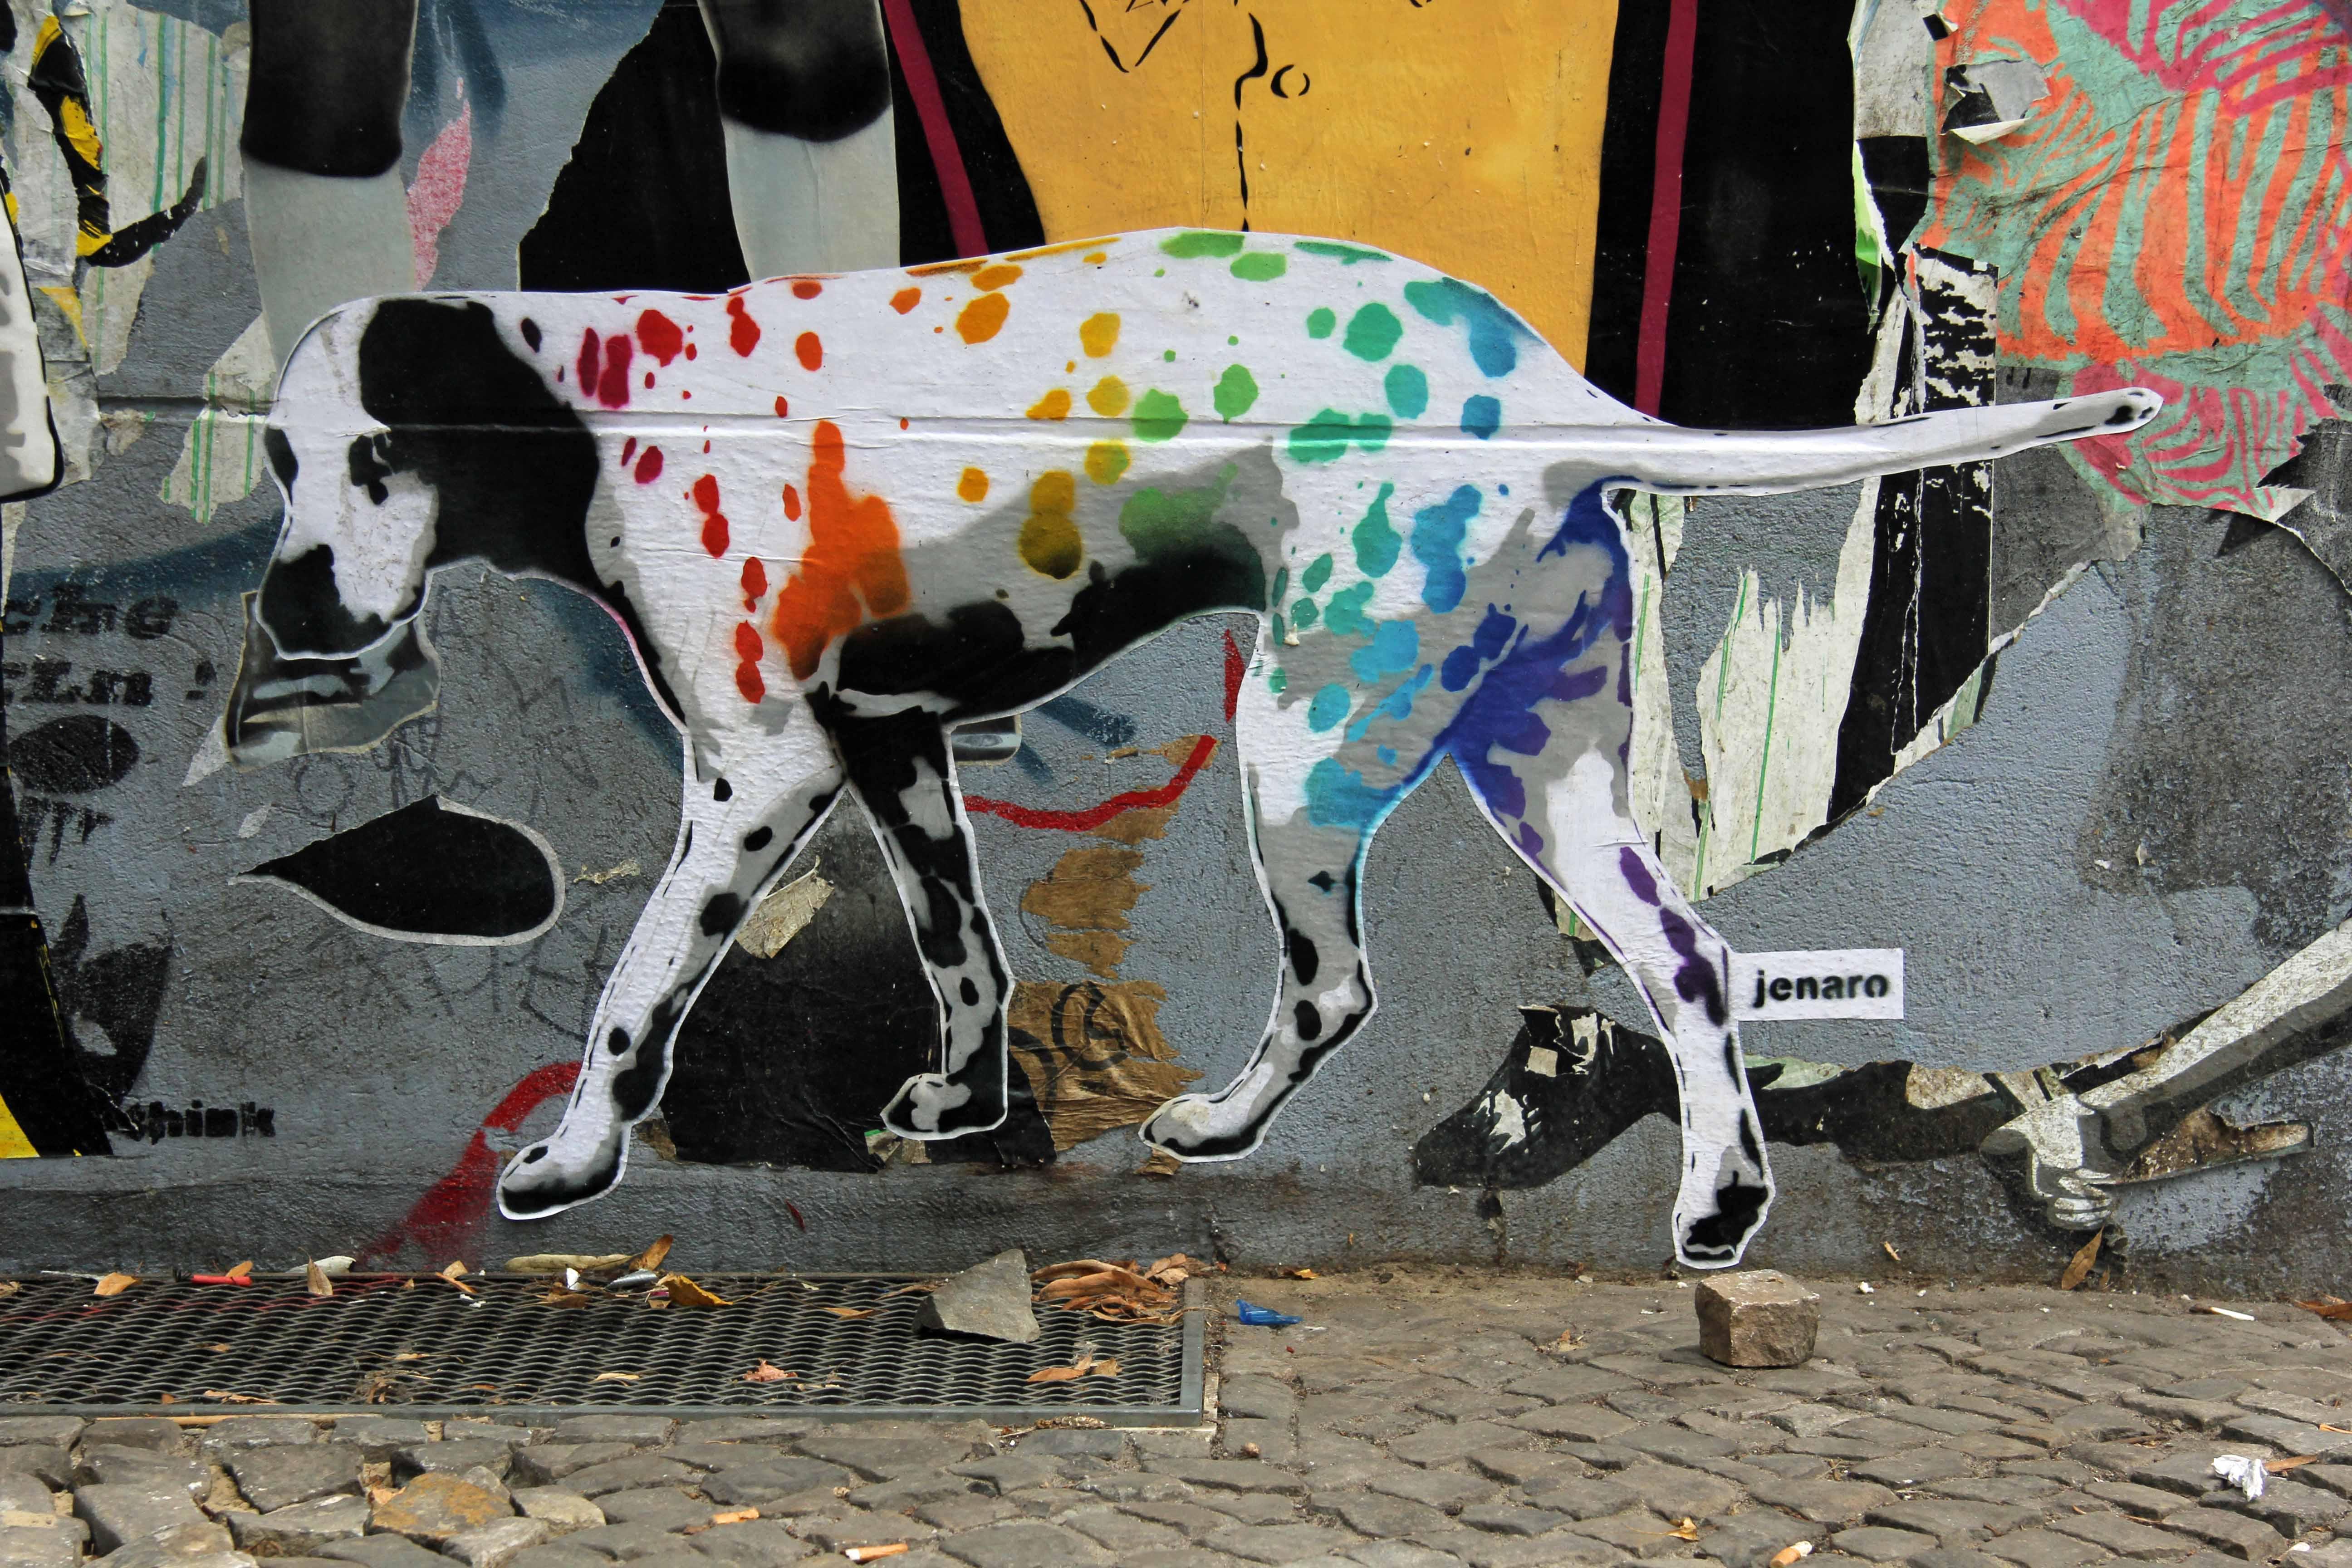 BEKANNT WIE EIN BUNTER HUND: Street Art by Jenaro in Berlin